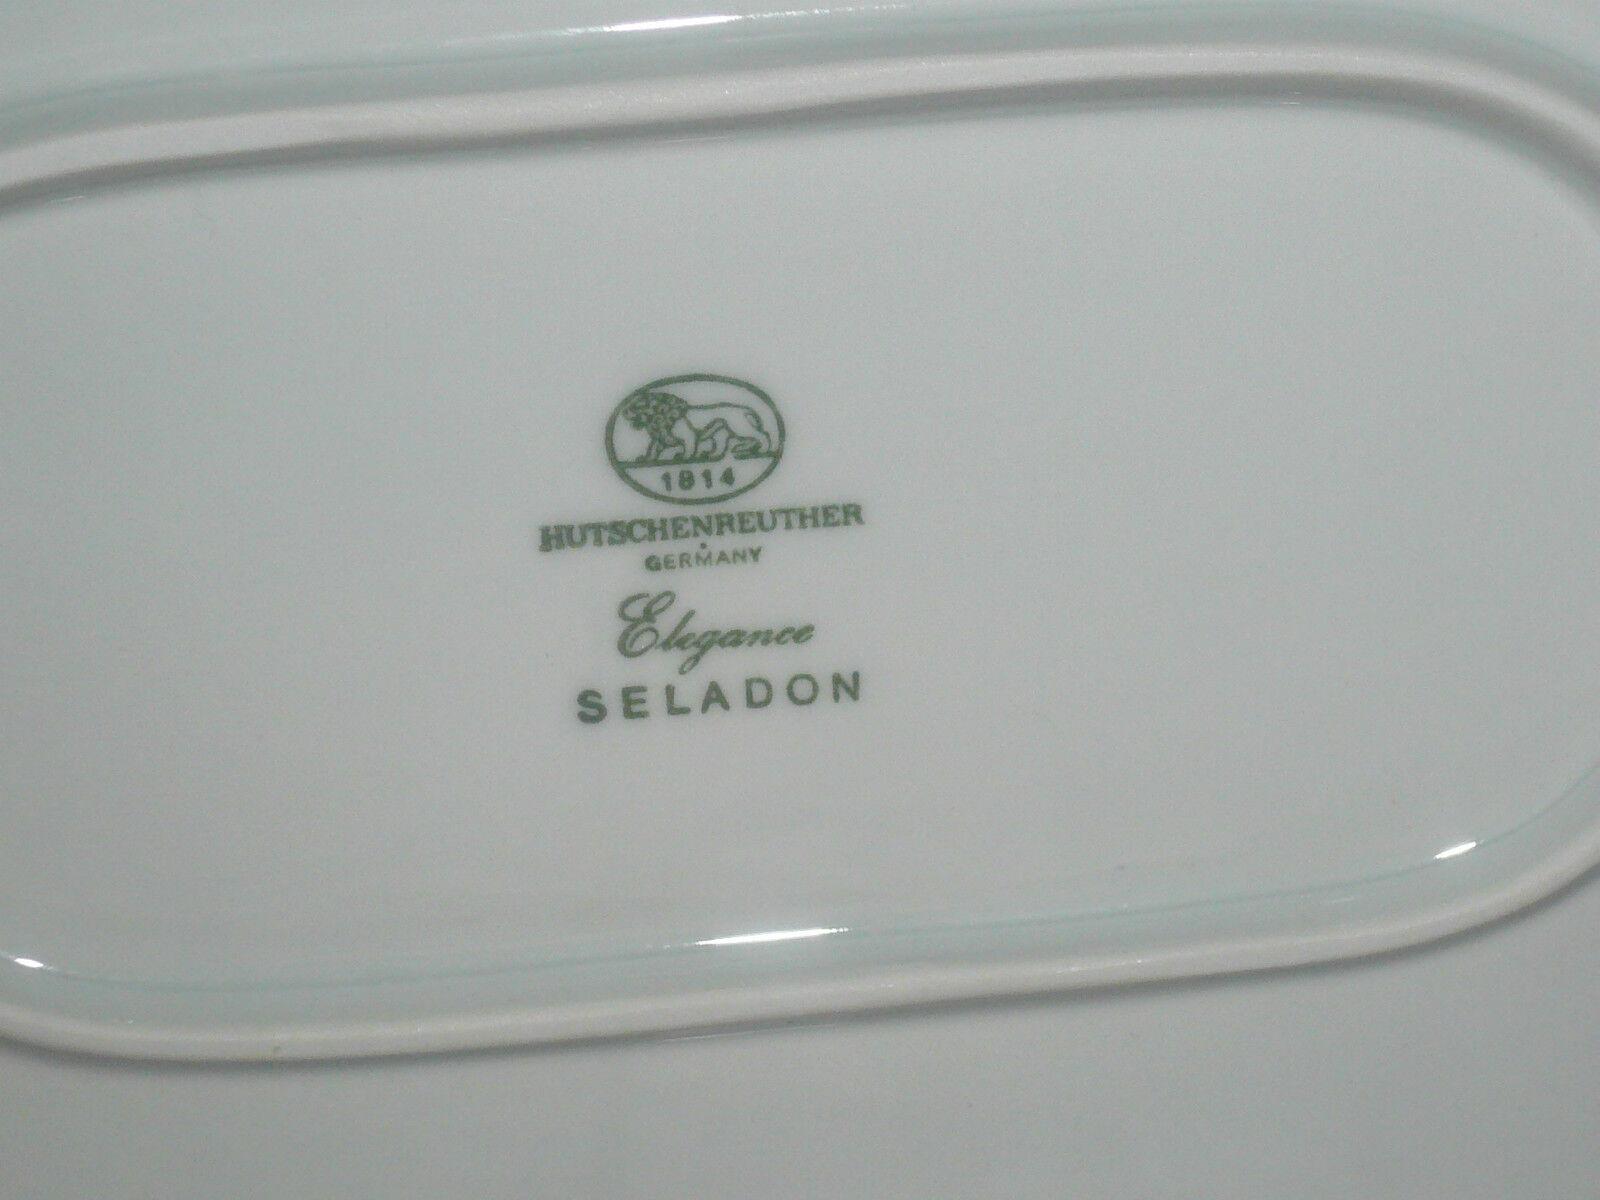 1 Servierplatte   Platte Platte Platte 39 cm   27  cm   Hutschenreuther  ELEGANCE  SELADON   Stabile Qualität  879535